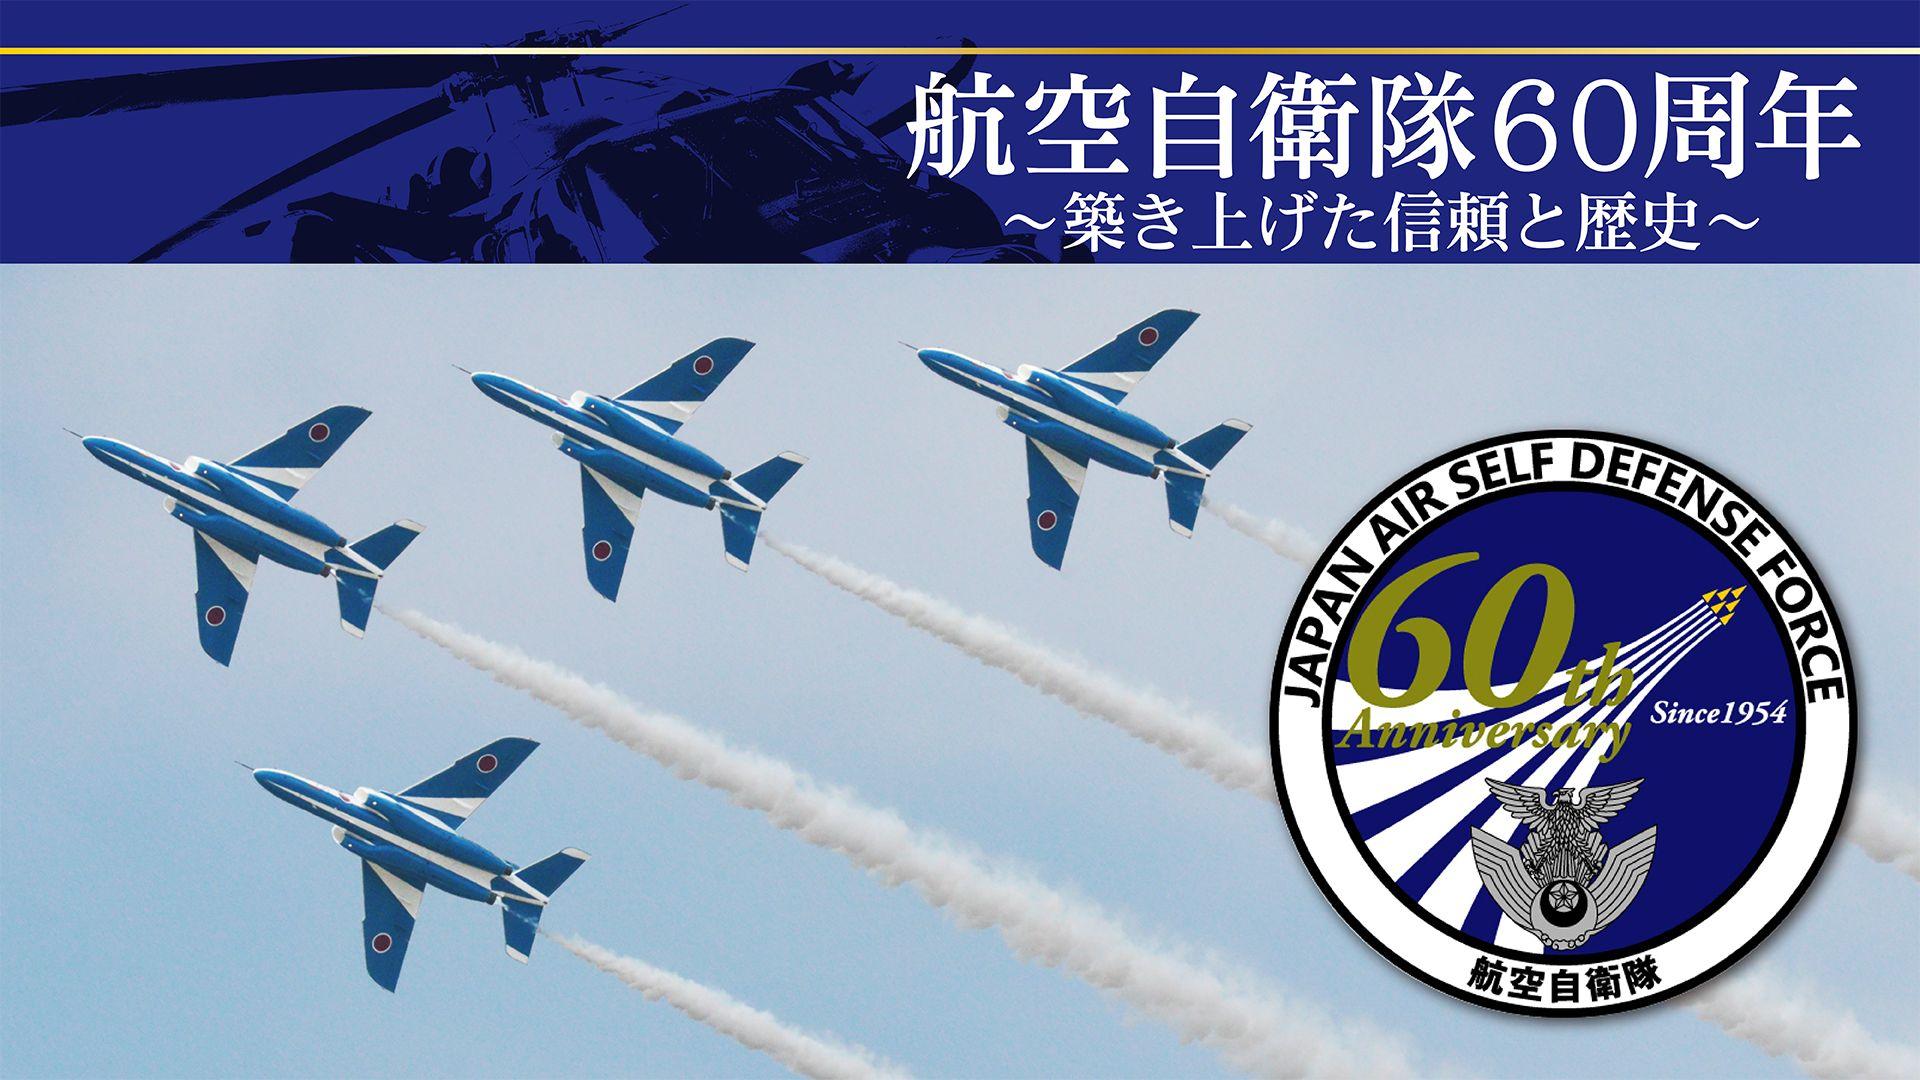 航空自衛隊60周年〜築き上げた信頼と歴史〜